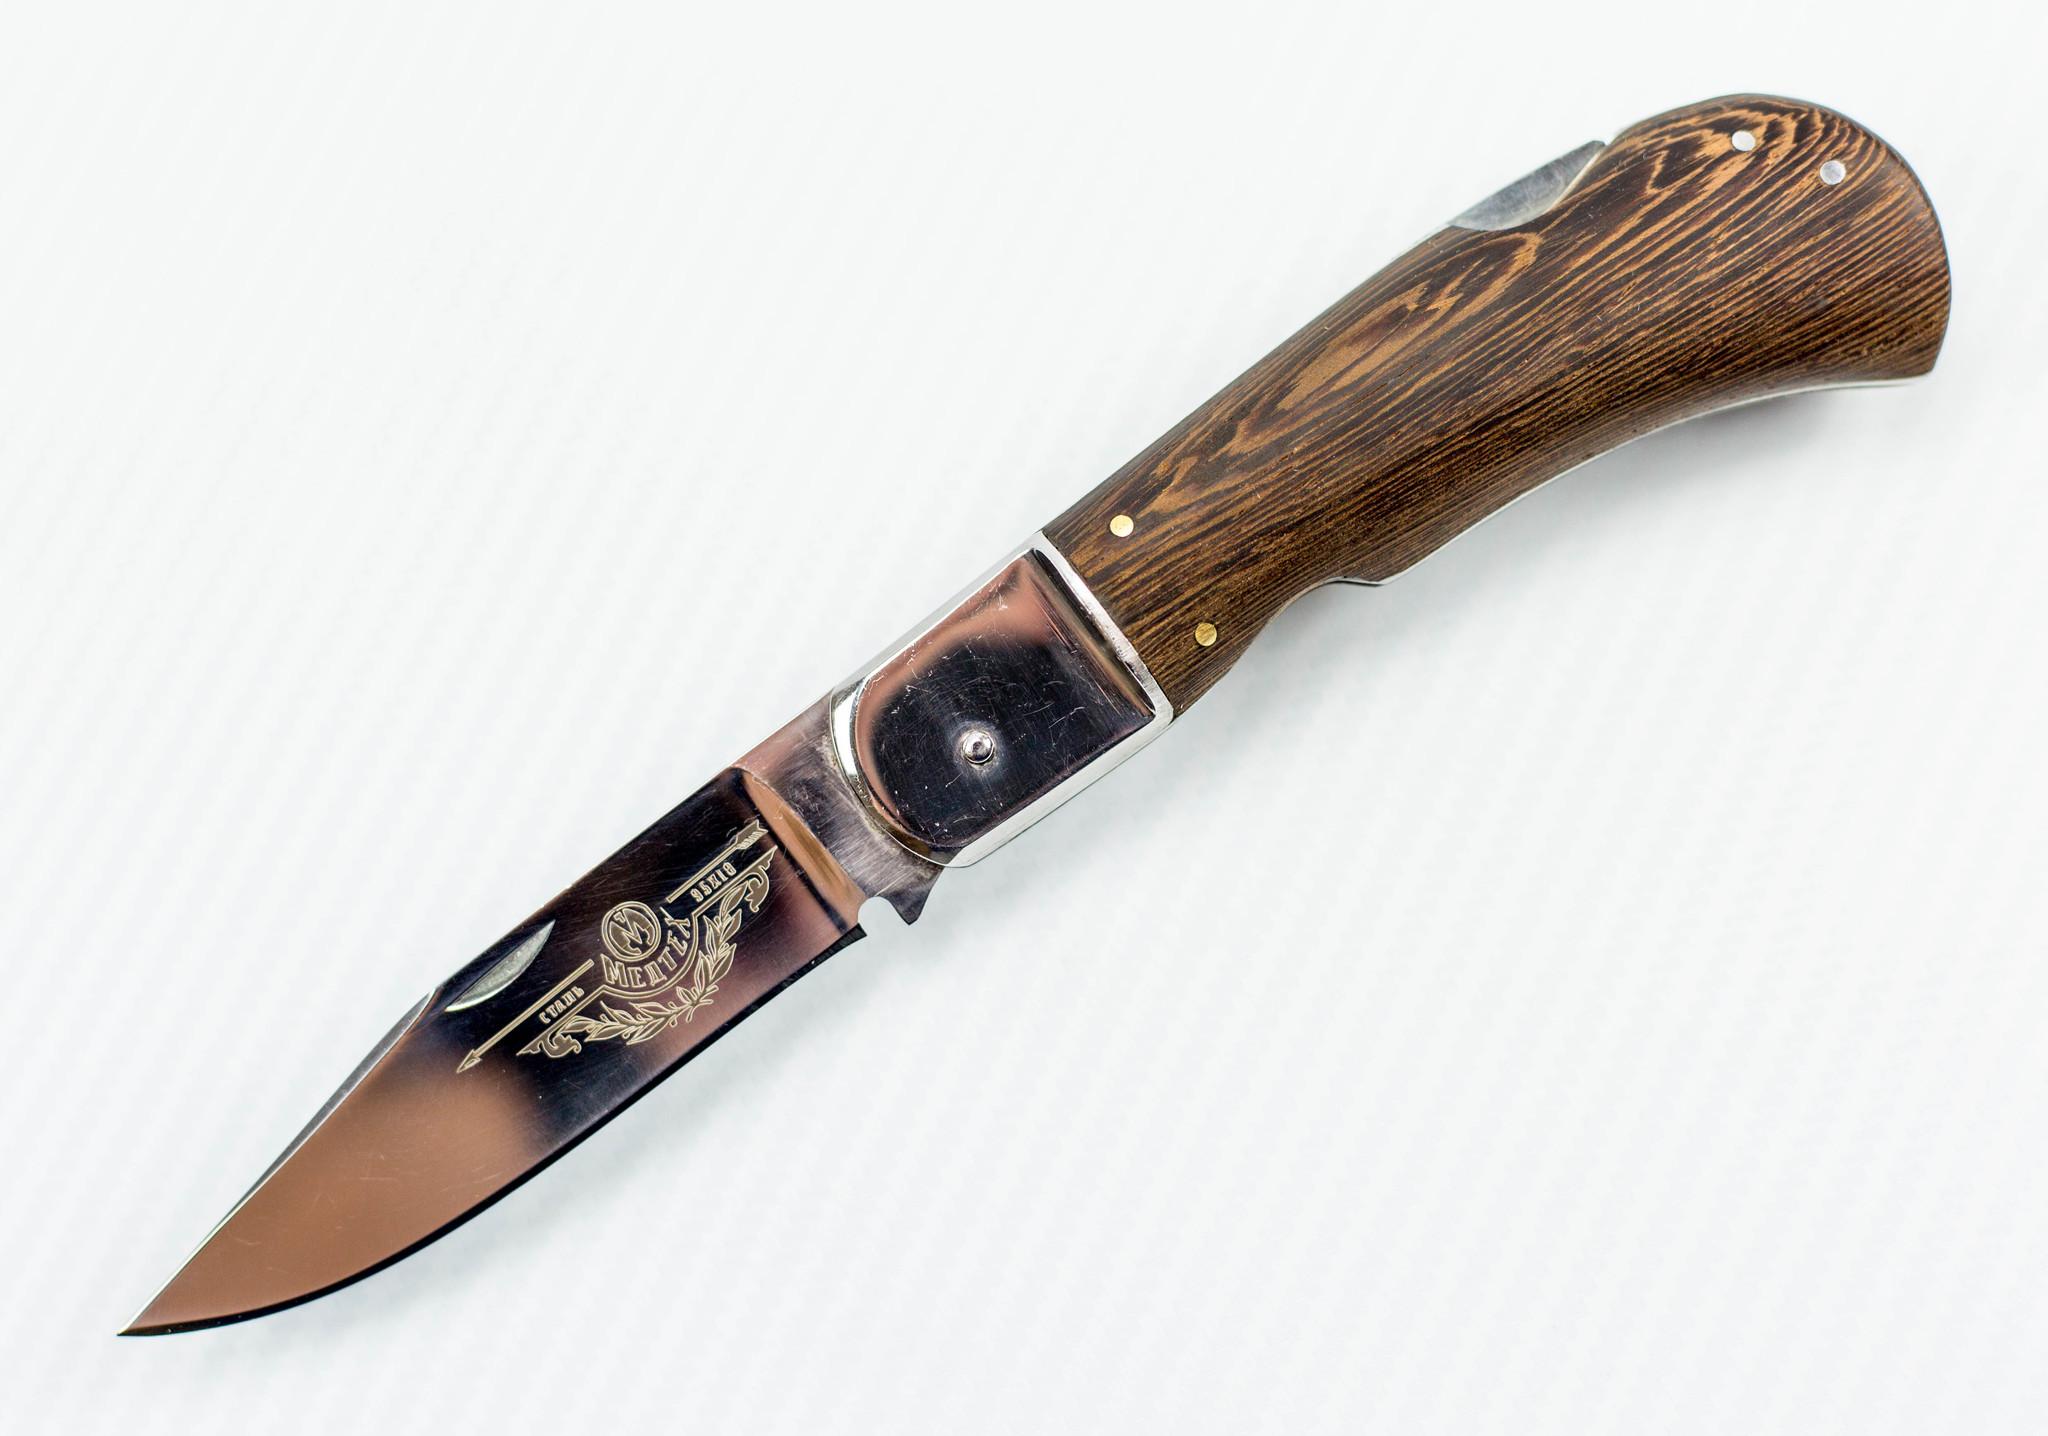 Выкидной нож Сокол, 95х18Еще...<br>Автоматический нож с боковым выбросом клинка.<br>Клинок копьевидной формы с односторонней заточкой.<br>Накладки рукояти из эбенового дерева.<br>